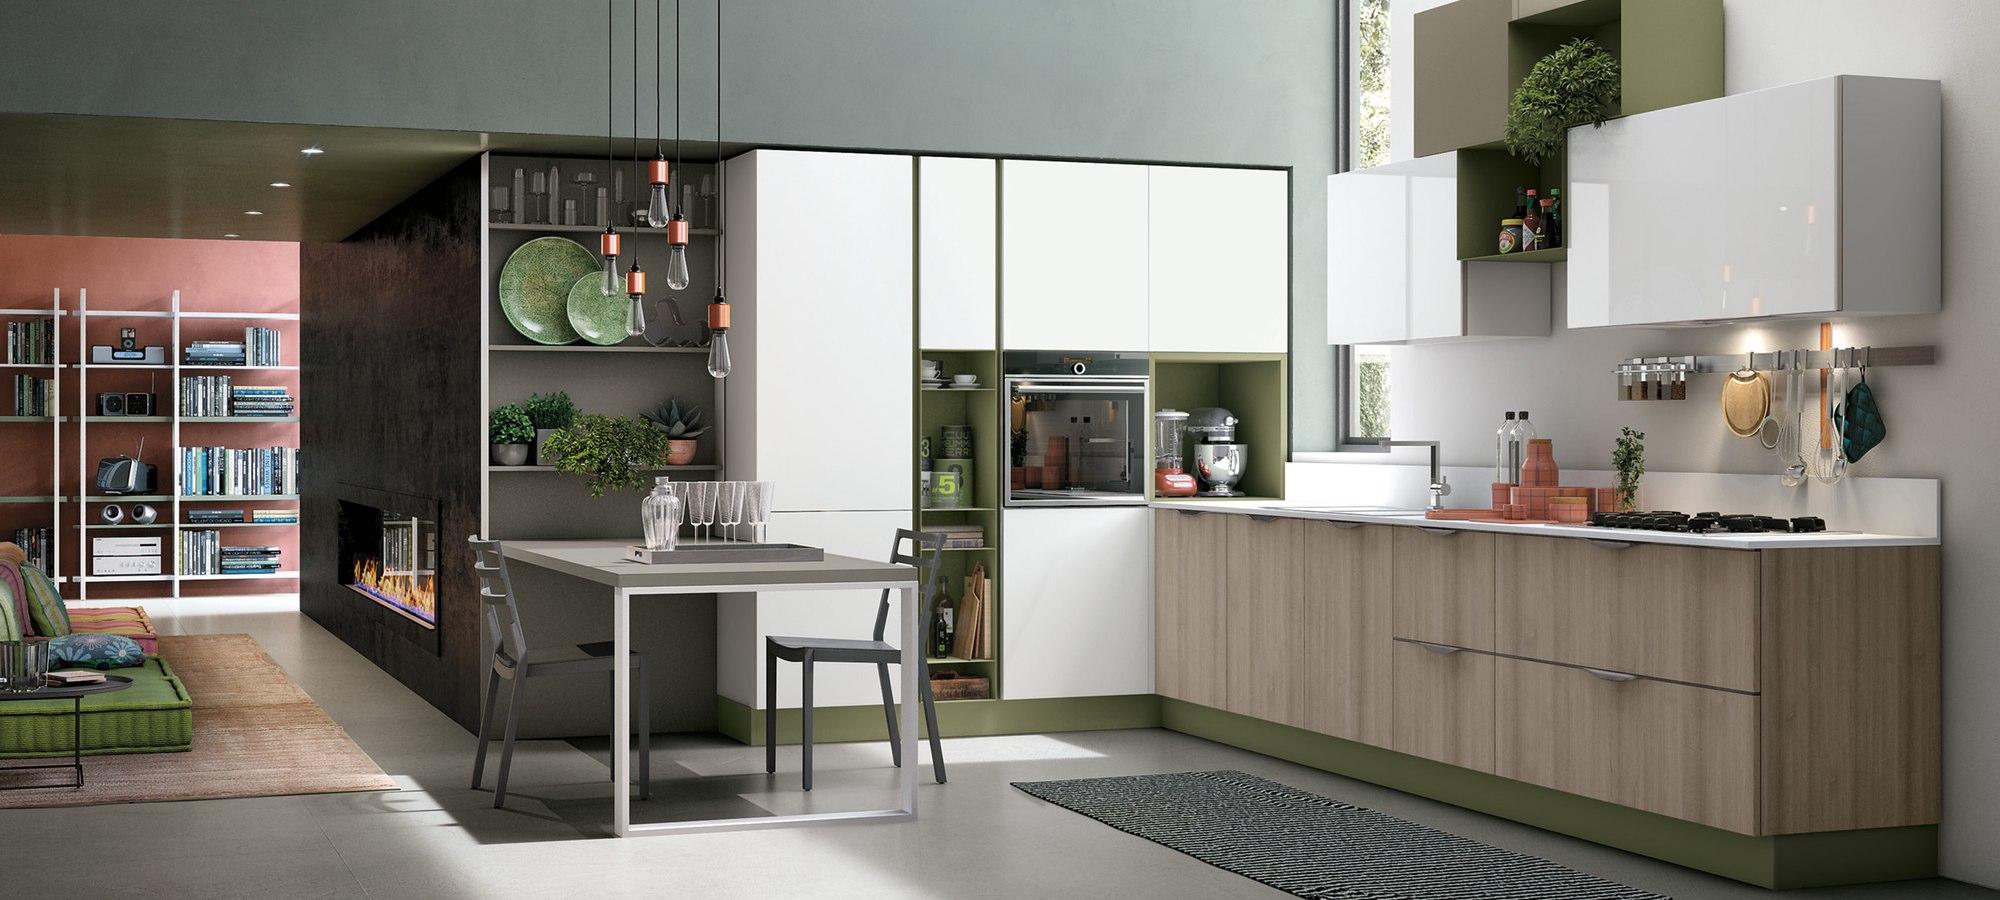 Stili Di Case Moderne.Cucine Moderne Pagina 5 Brennero Case Stili Di Maistri Arreda Srl